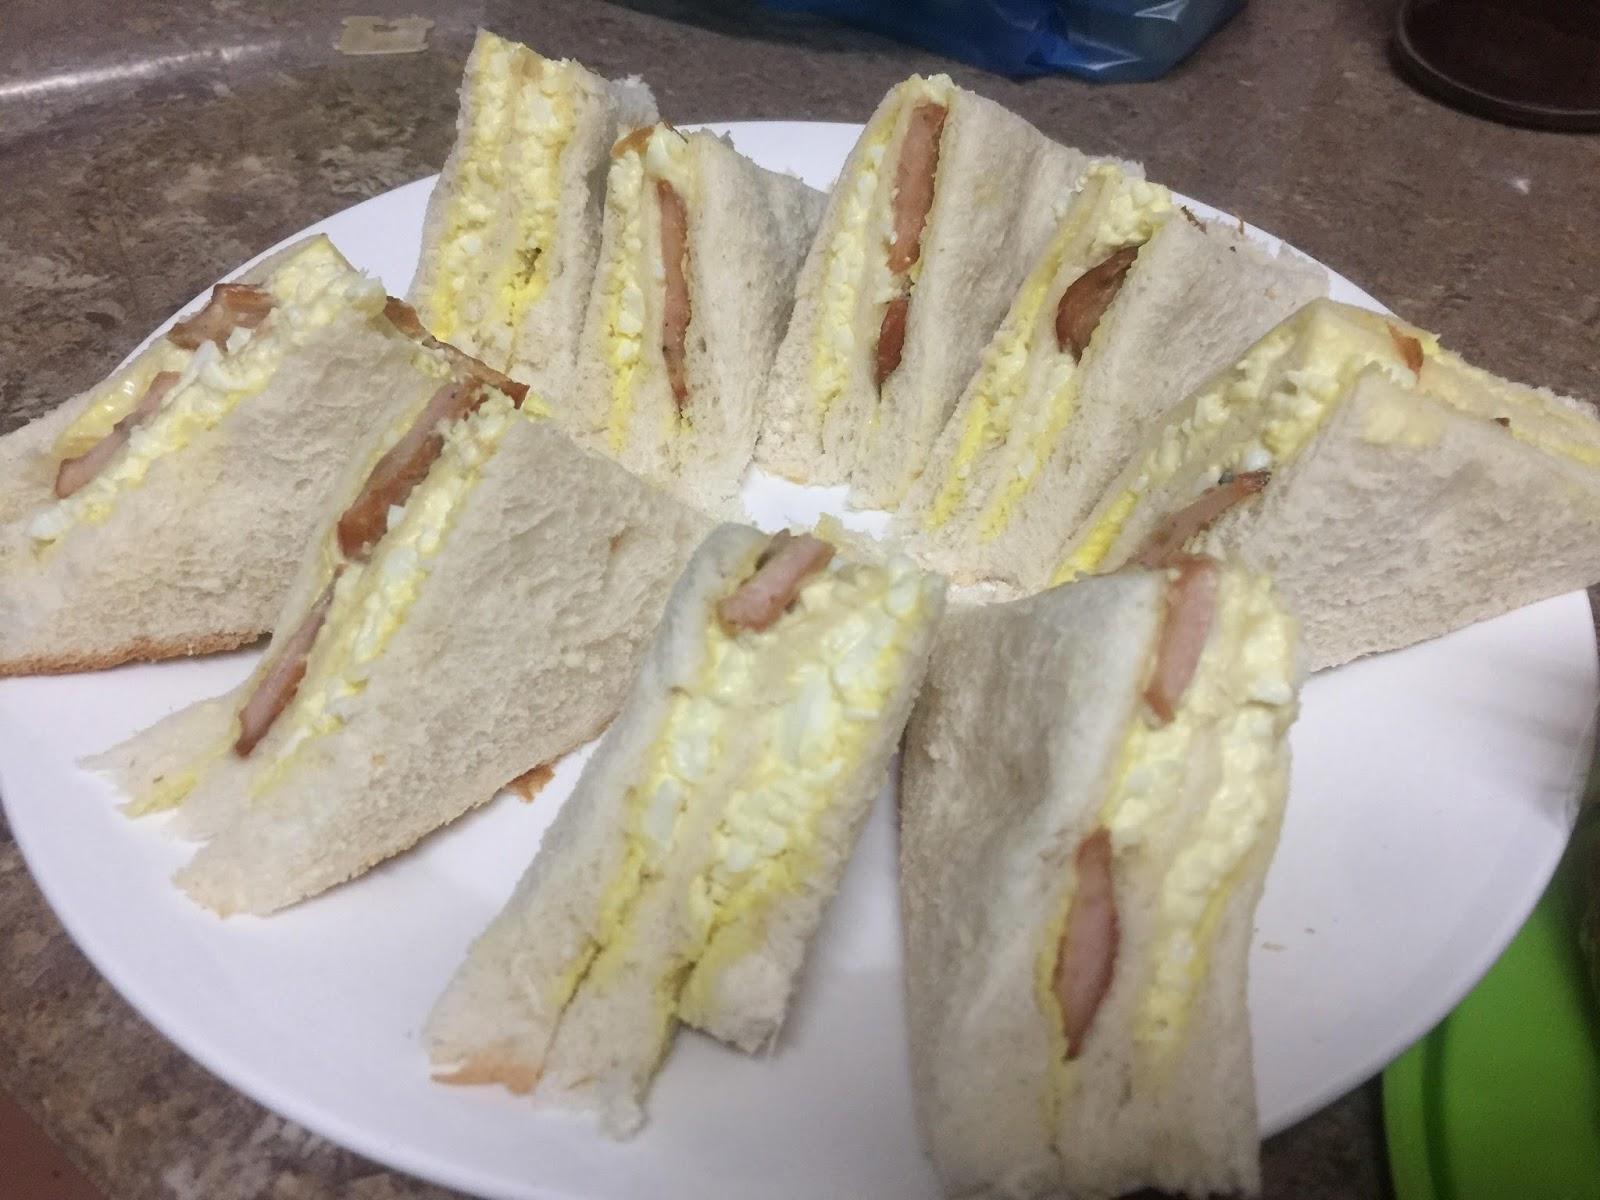 sandwich, resepi mudah untuk sarapan dan minum petang, sandwich telur, bento